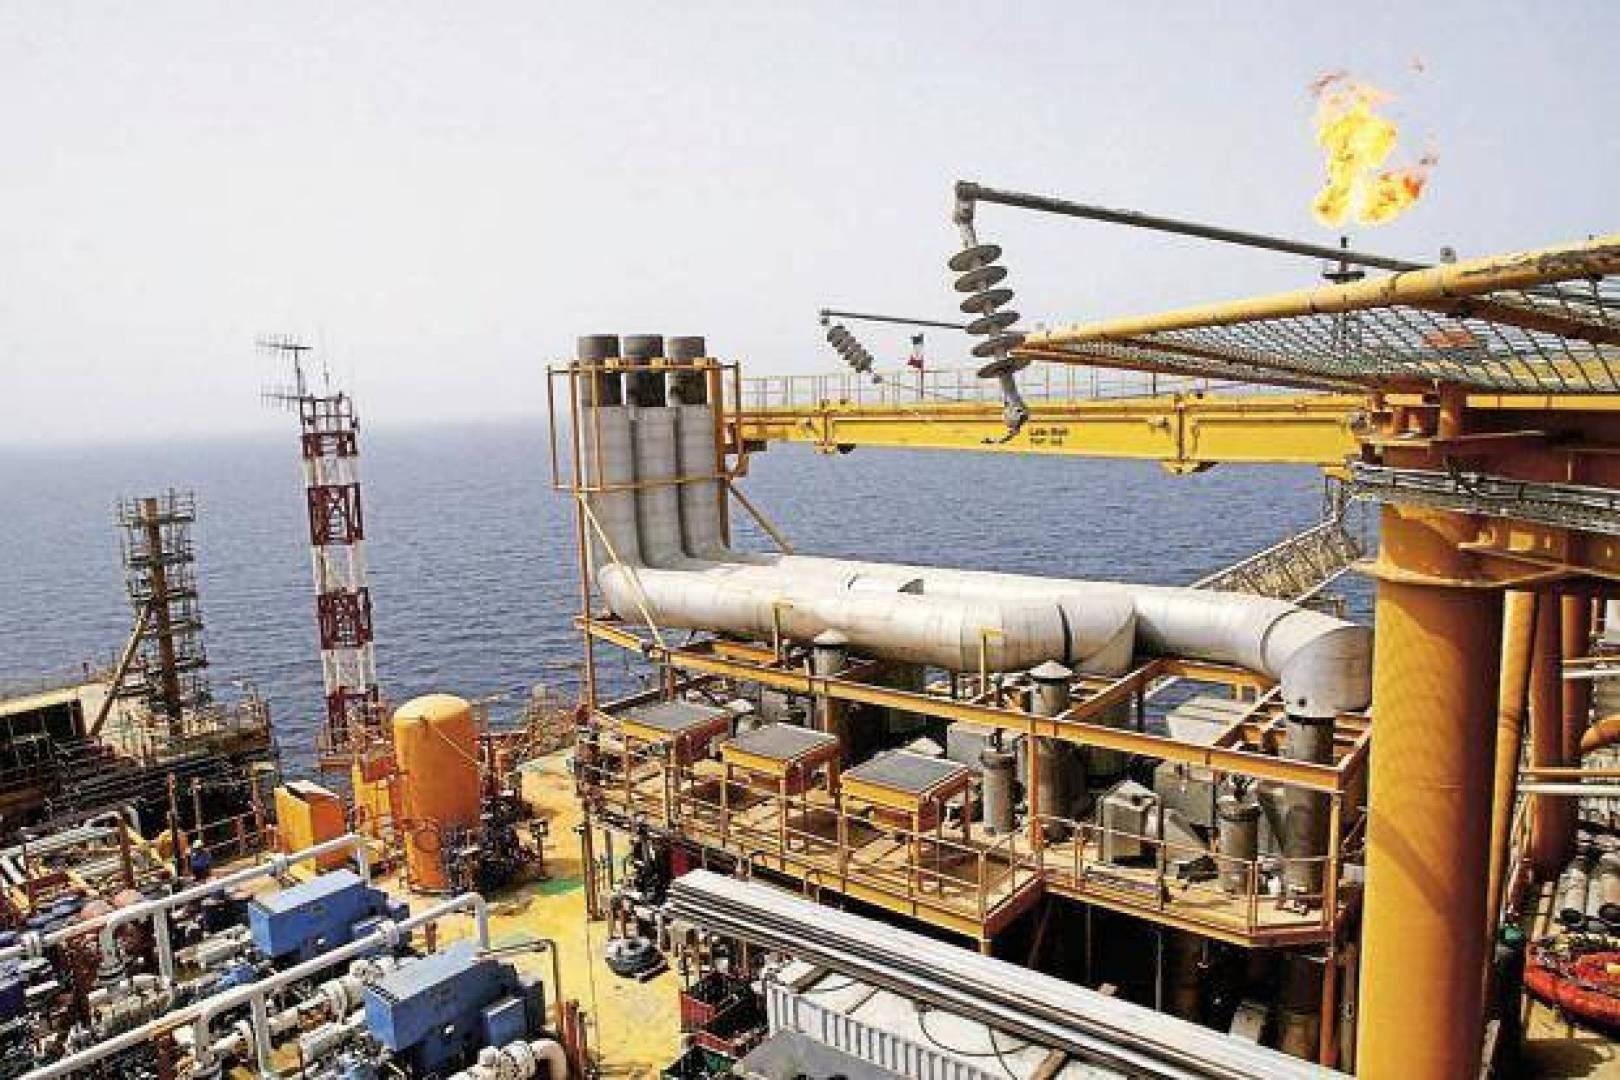 إيران تسعى لدخول السوق بقوة واستعادة حصتها السوقية من النفط